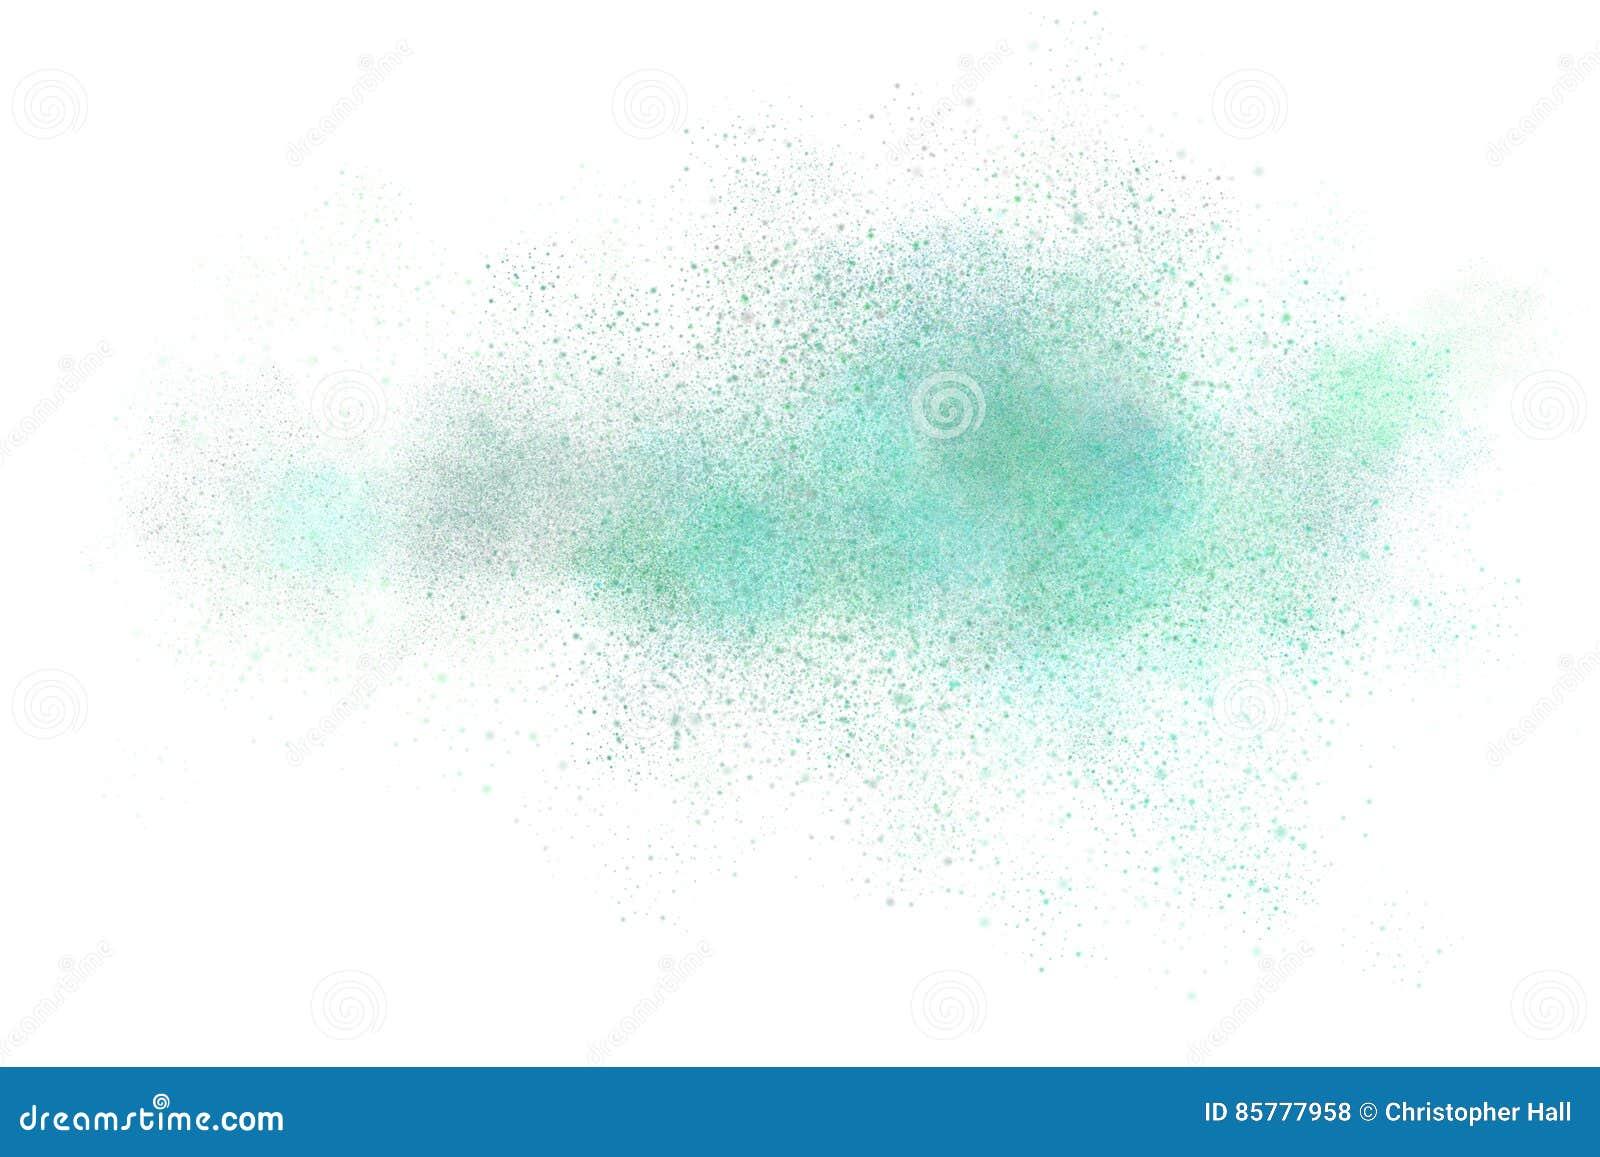 Progettazione astratta della polvere per uso come fondo